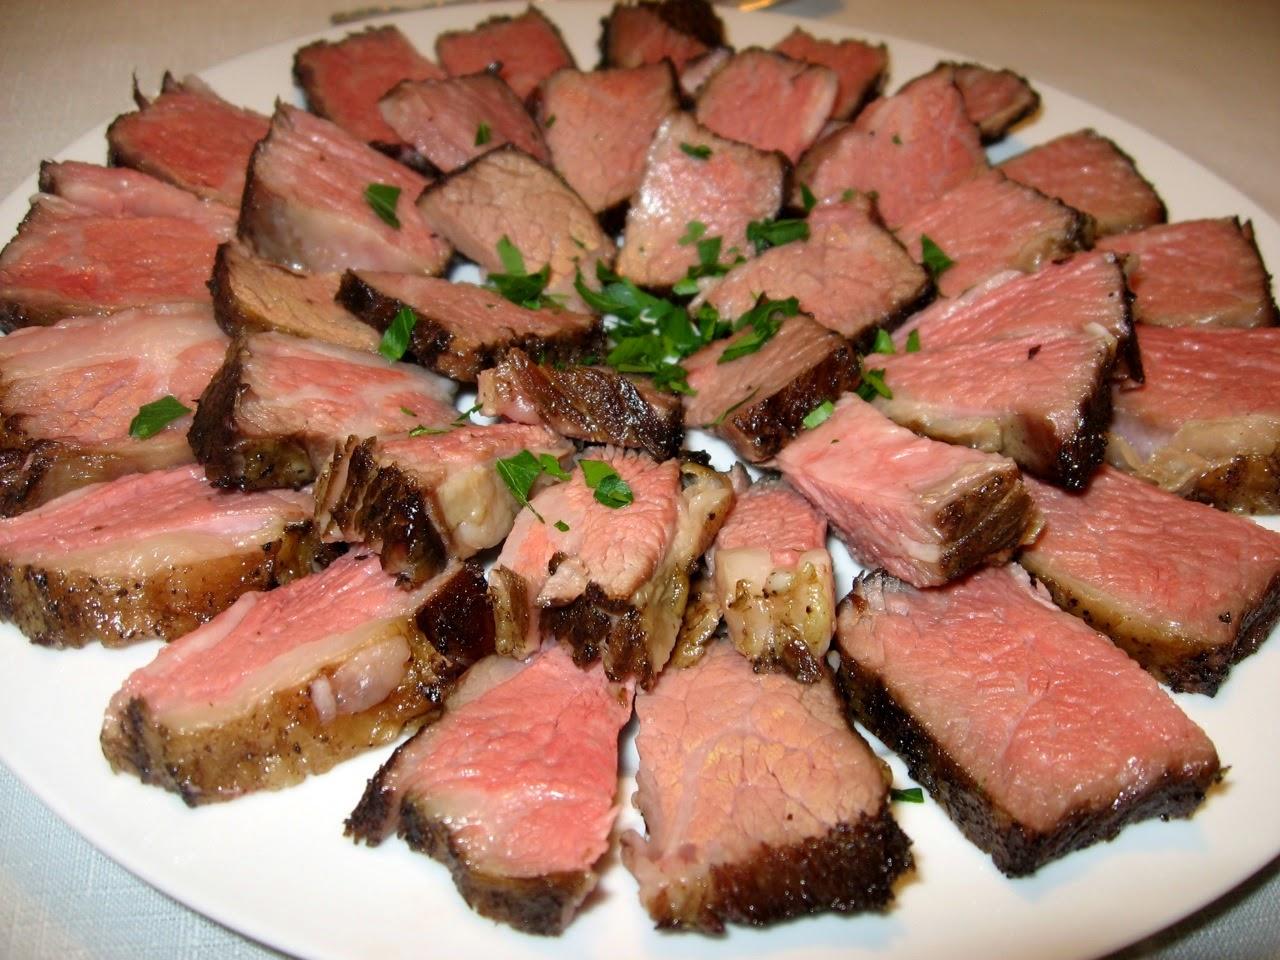 Platter of Roast Beef Arranged in a Pinwheel Shape